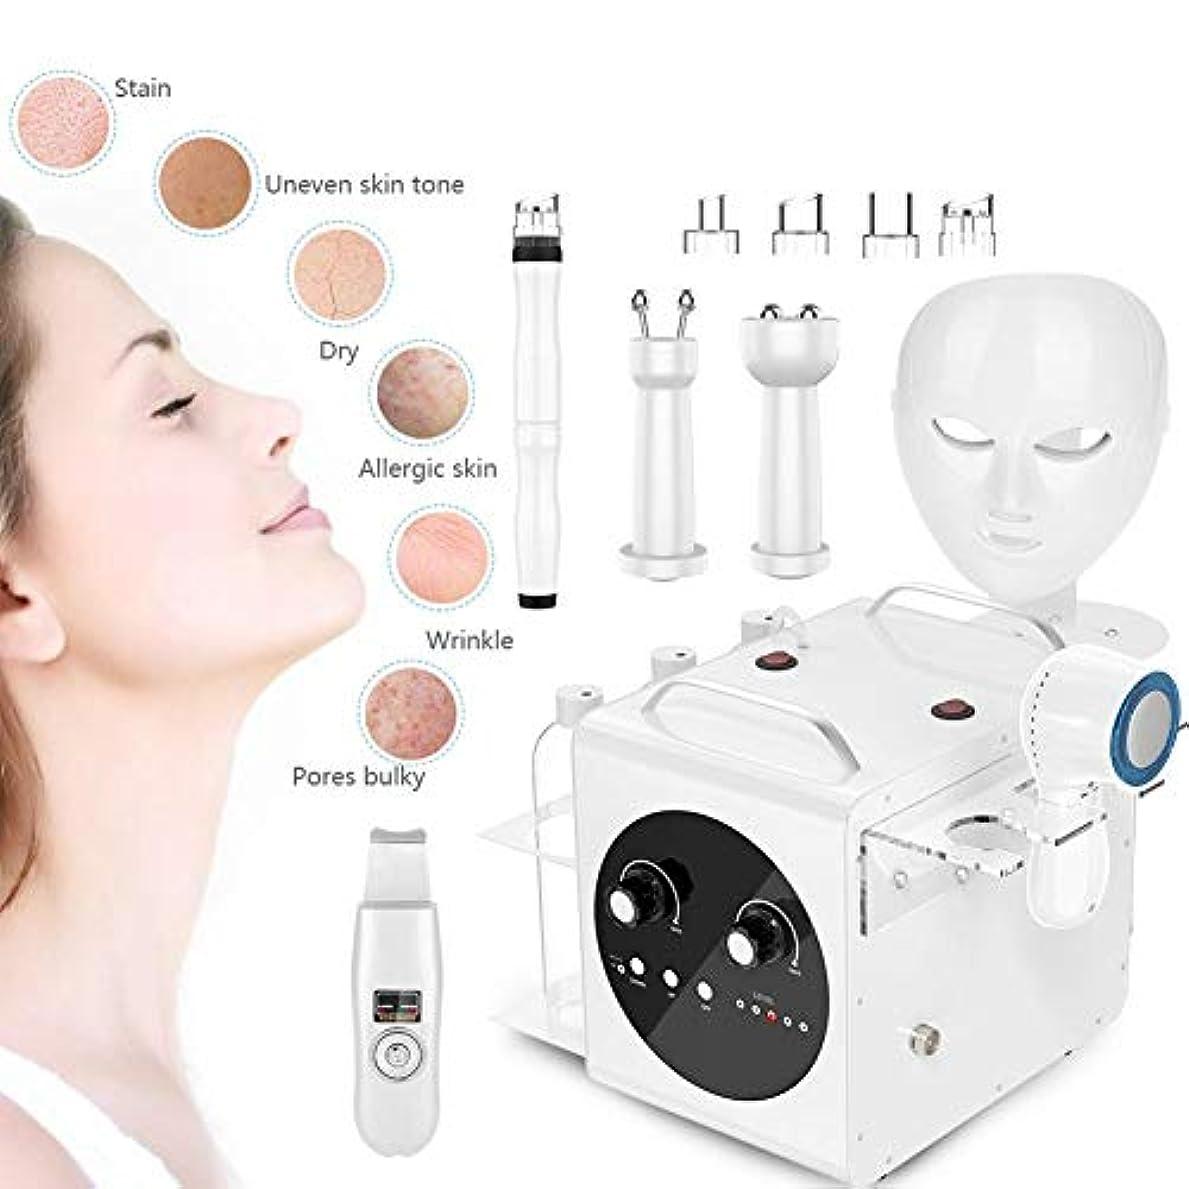 折る優遇液化する7に1つの酸素ジェット顔の肌の引き締めケアに黒ずみの除去、肌の引き締め、美白、肌の若返り、ホームサロンの使用のための超音波真空RFマシン(110-240v)